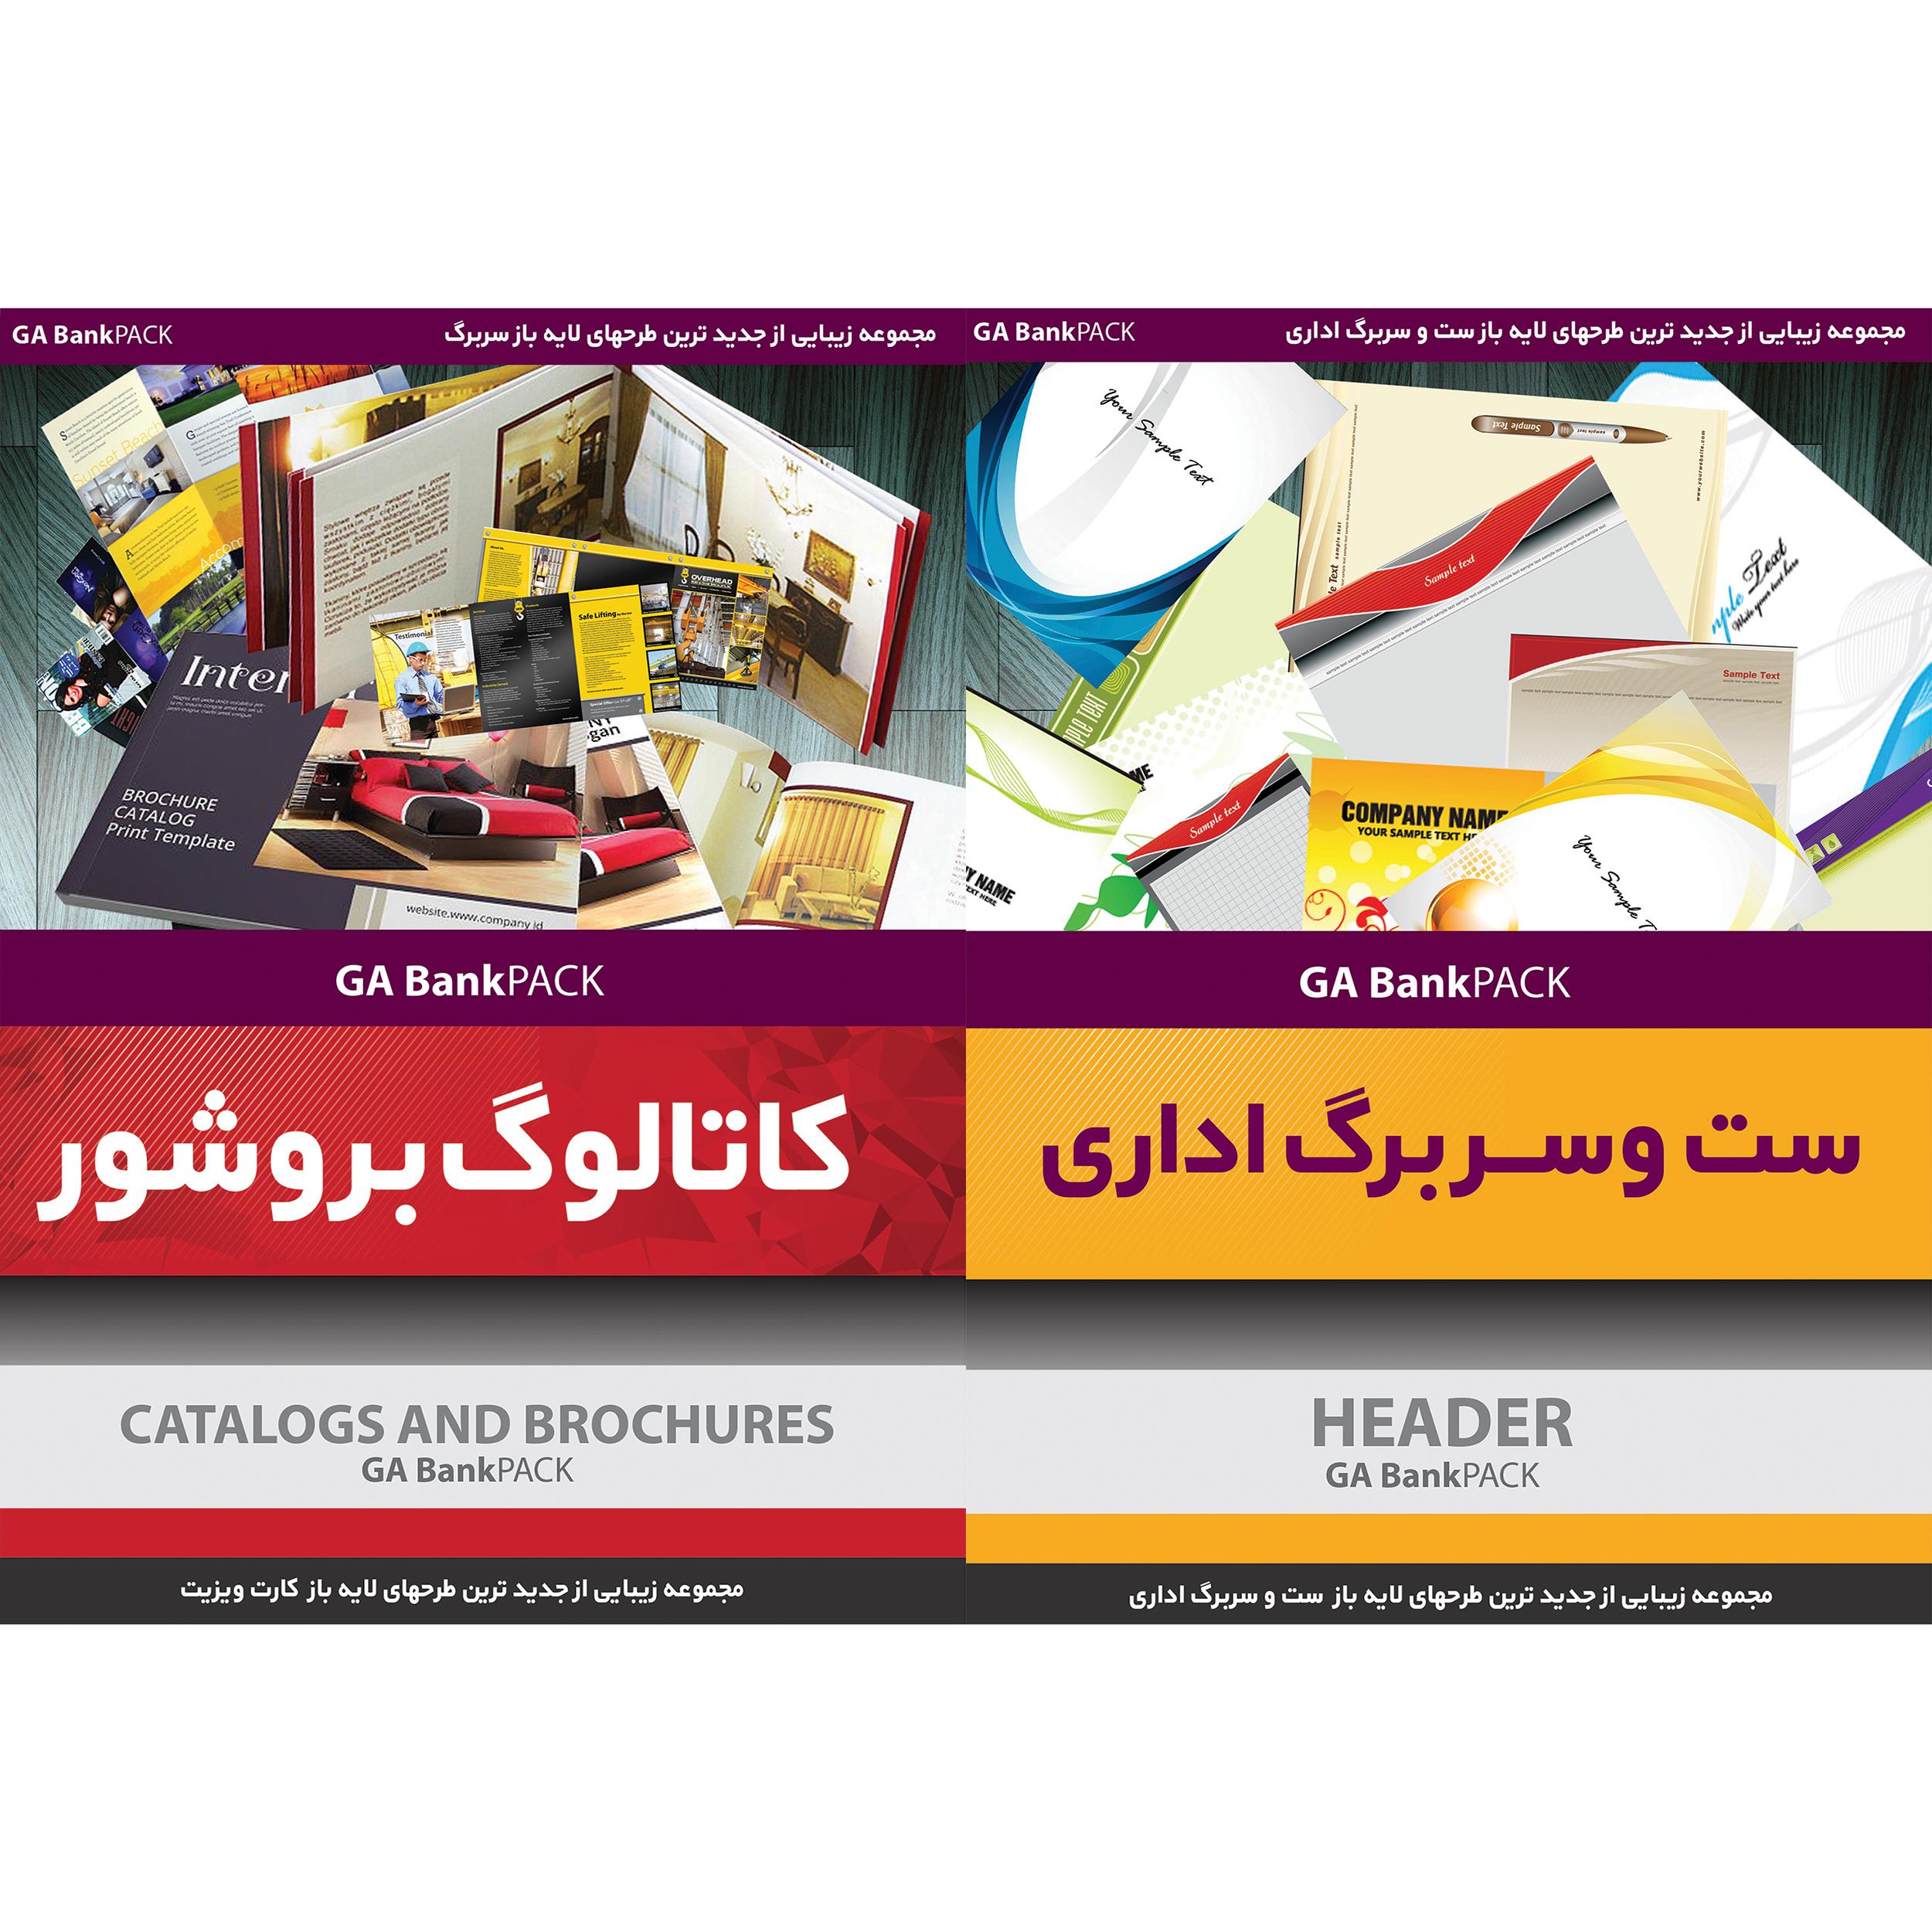 مجموعه طرح های لایه باز ست و سربرگ اداری نشر جی ای بانک به همراه مجموعه طرح های لایه باز کاتالوگ بروشور نشر جی ای بانک